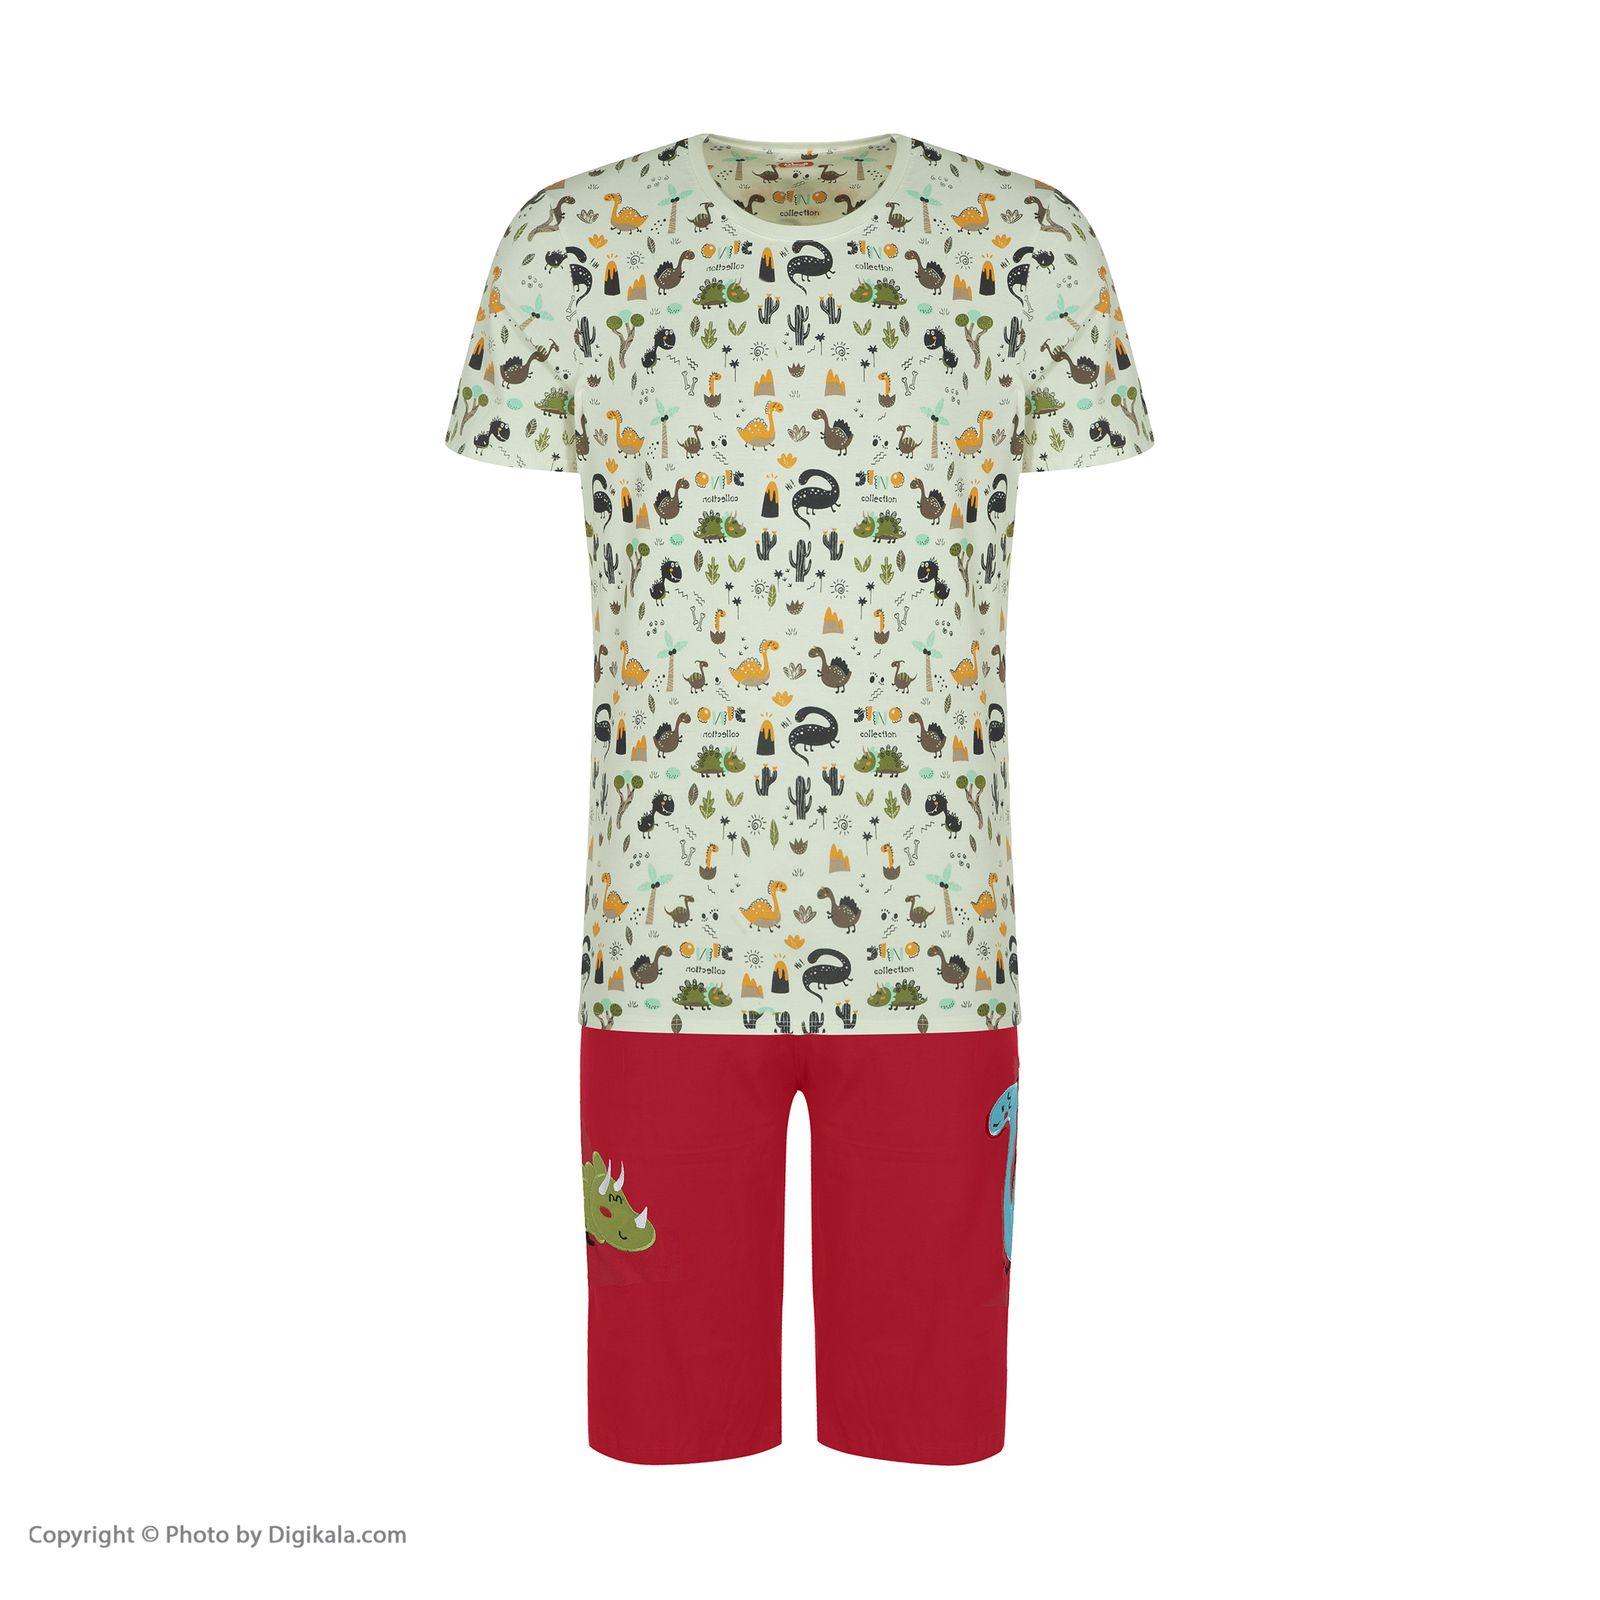 ست تی شرت و شلوارک راحتی مردانه مادر مدل 2041110-74 -  - 3